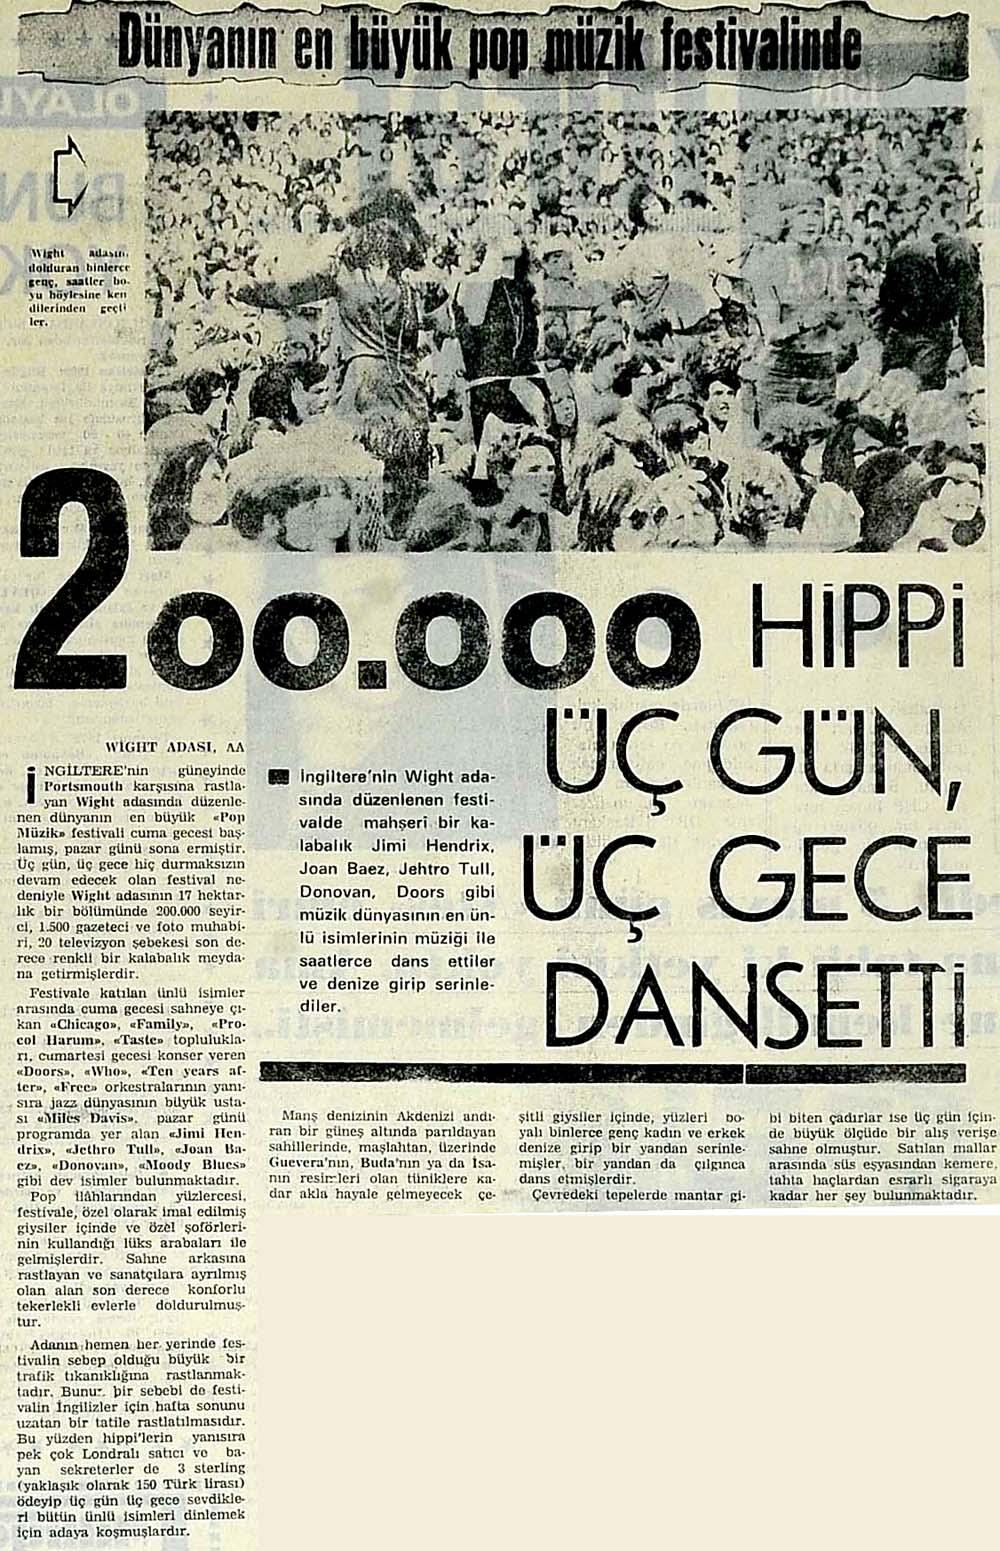 200.000 Hippi